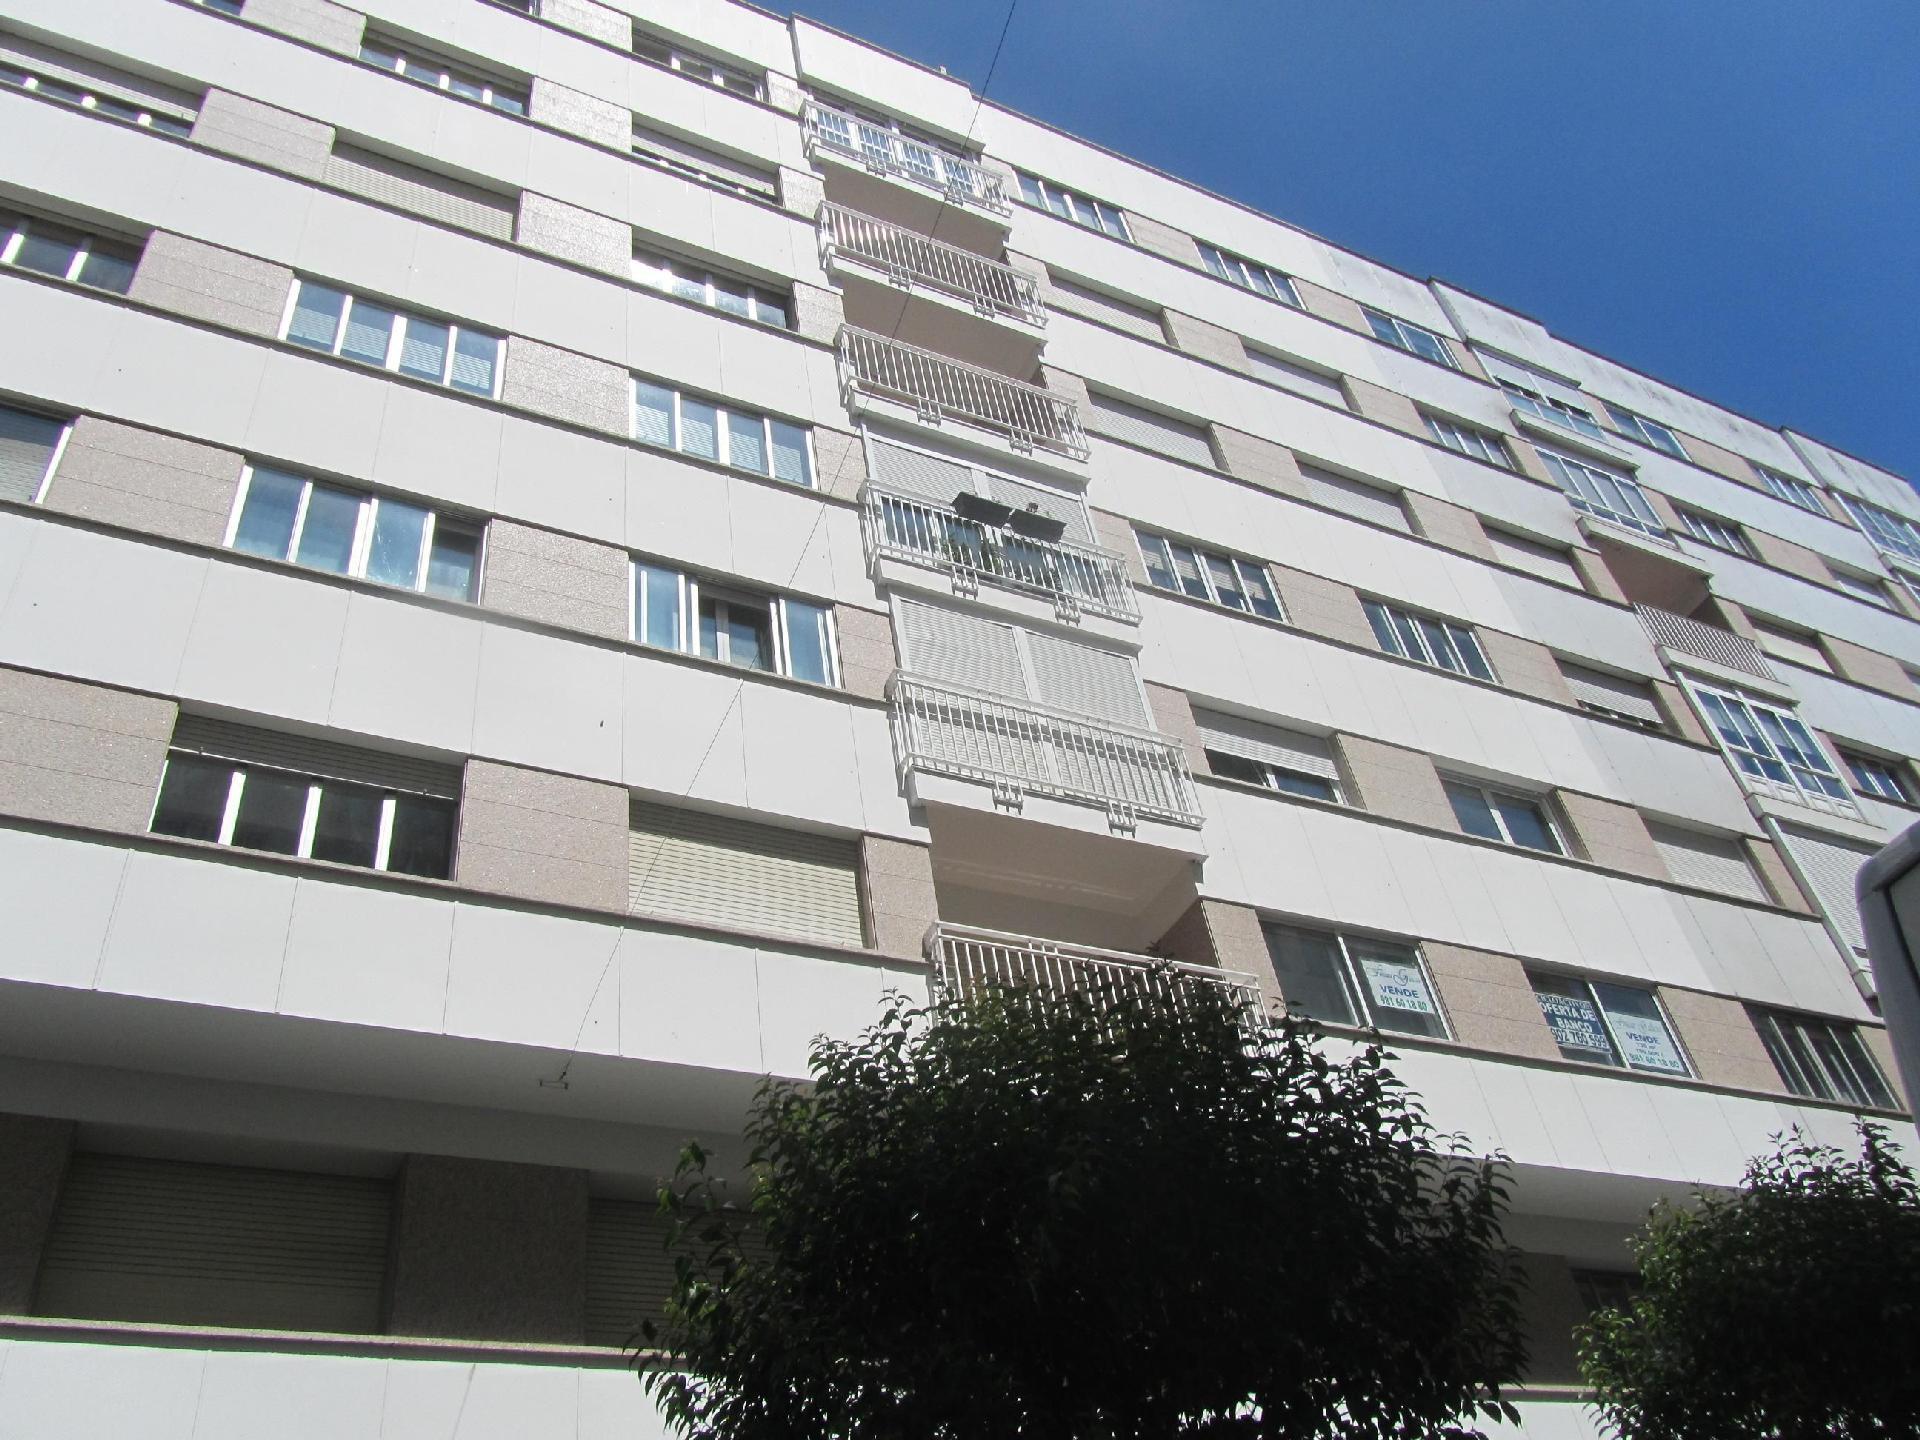 Ferienwohnung für 5 Personen ca. 111 m²    Galizien